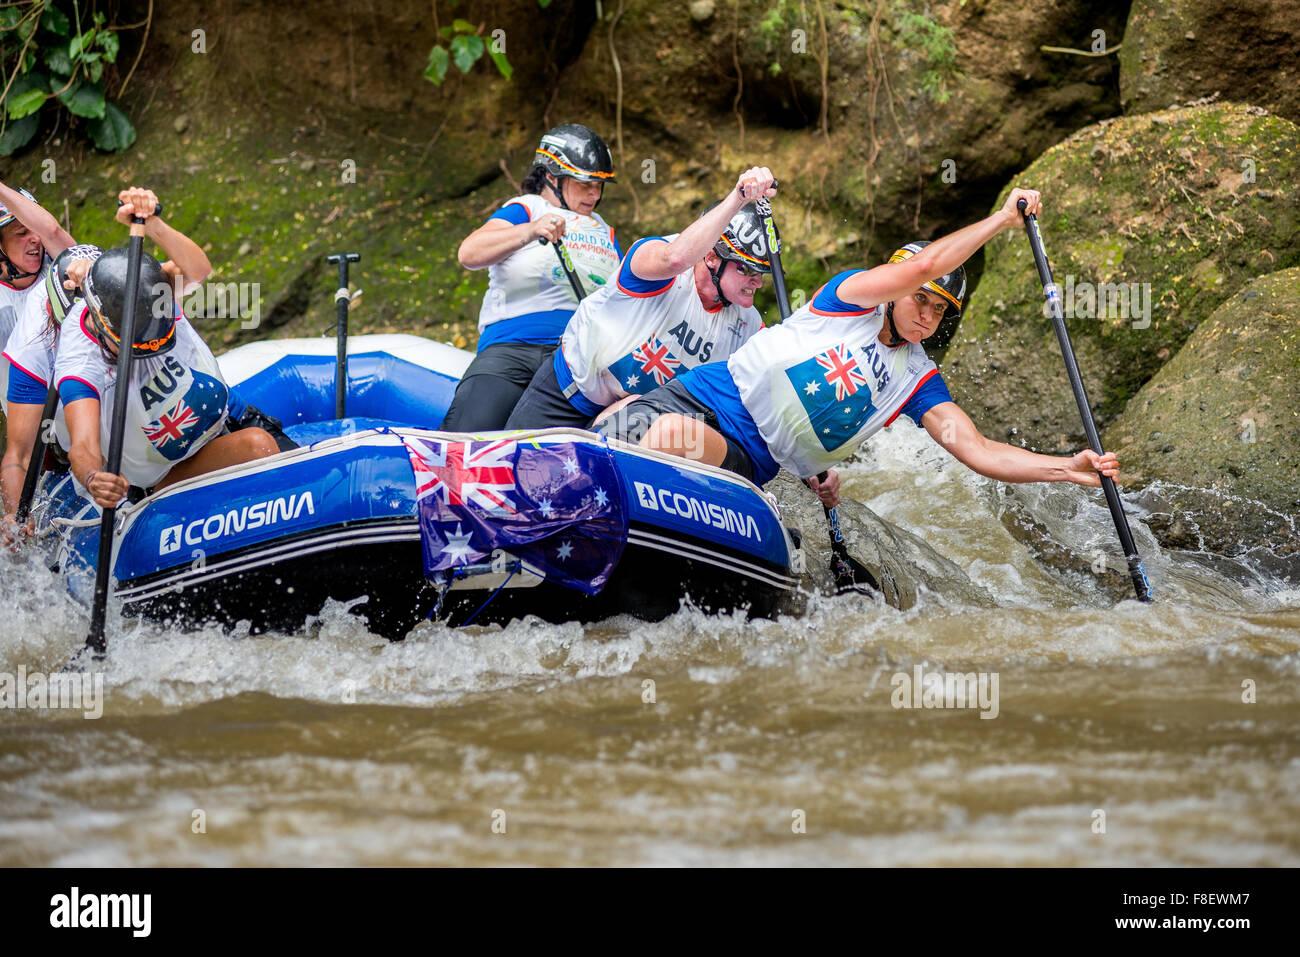 Australian Open donne squadra durante la gara sprint categoria sul Mondiale 2015 Campionato di rafting. Immagini Stock